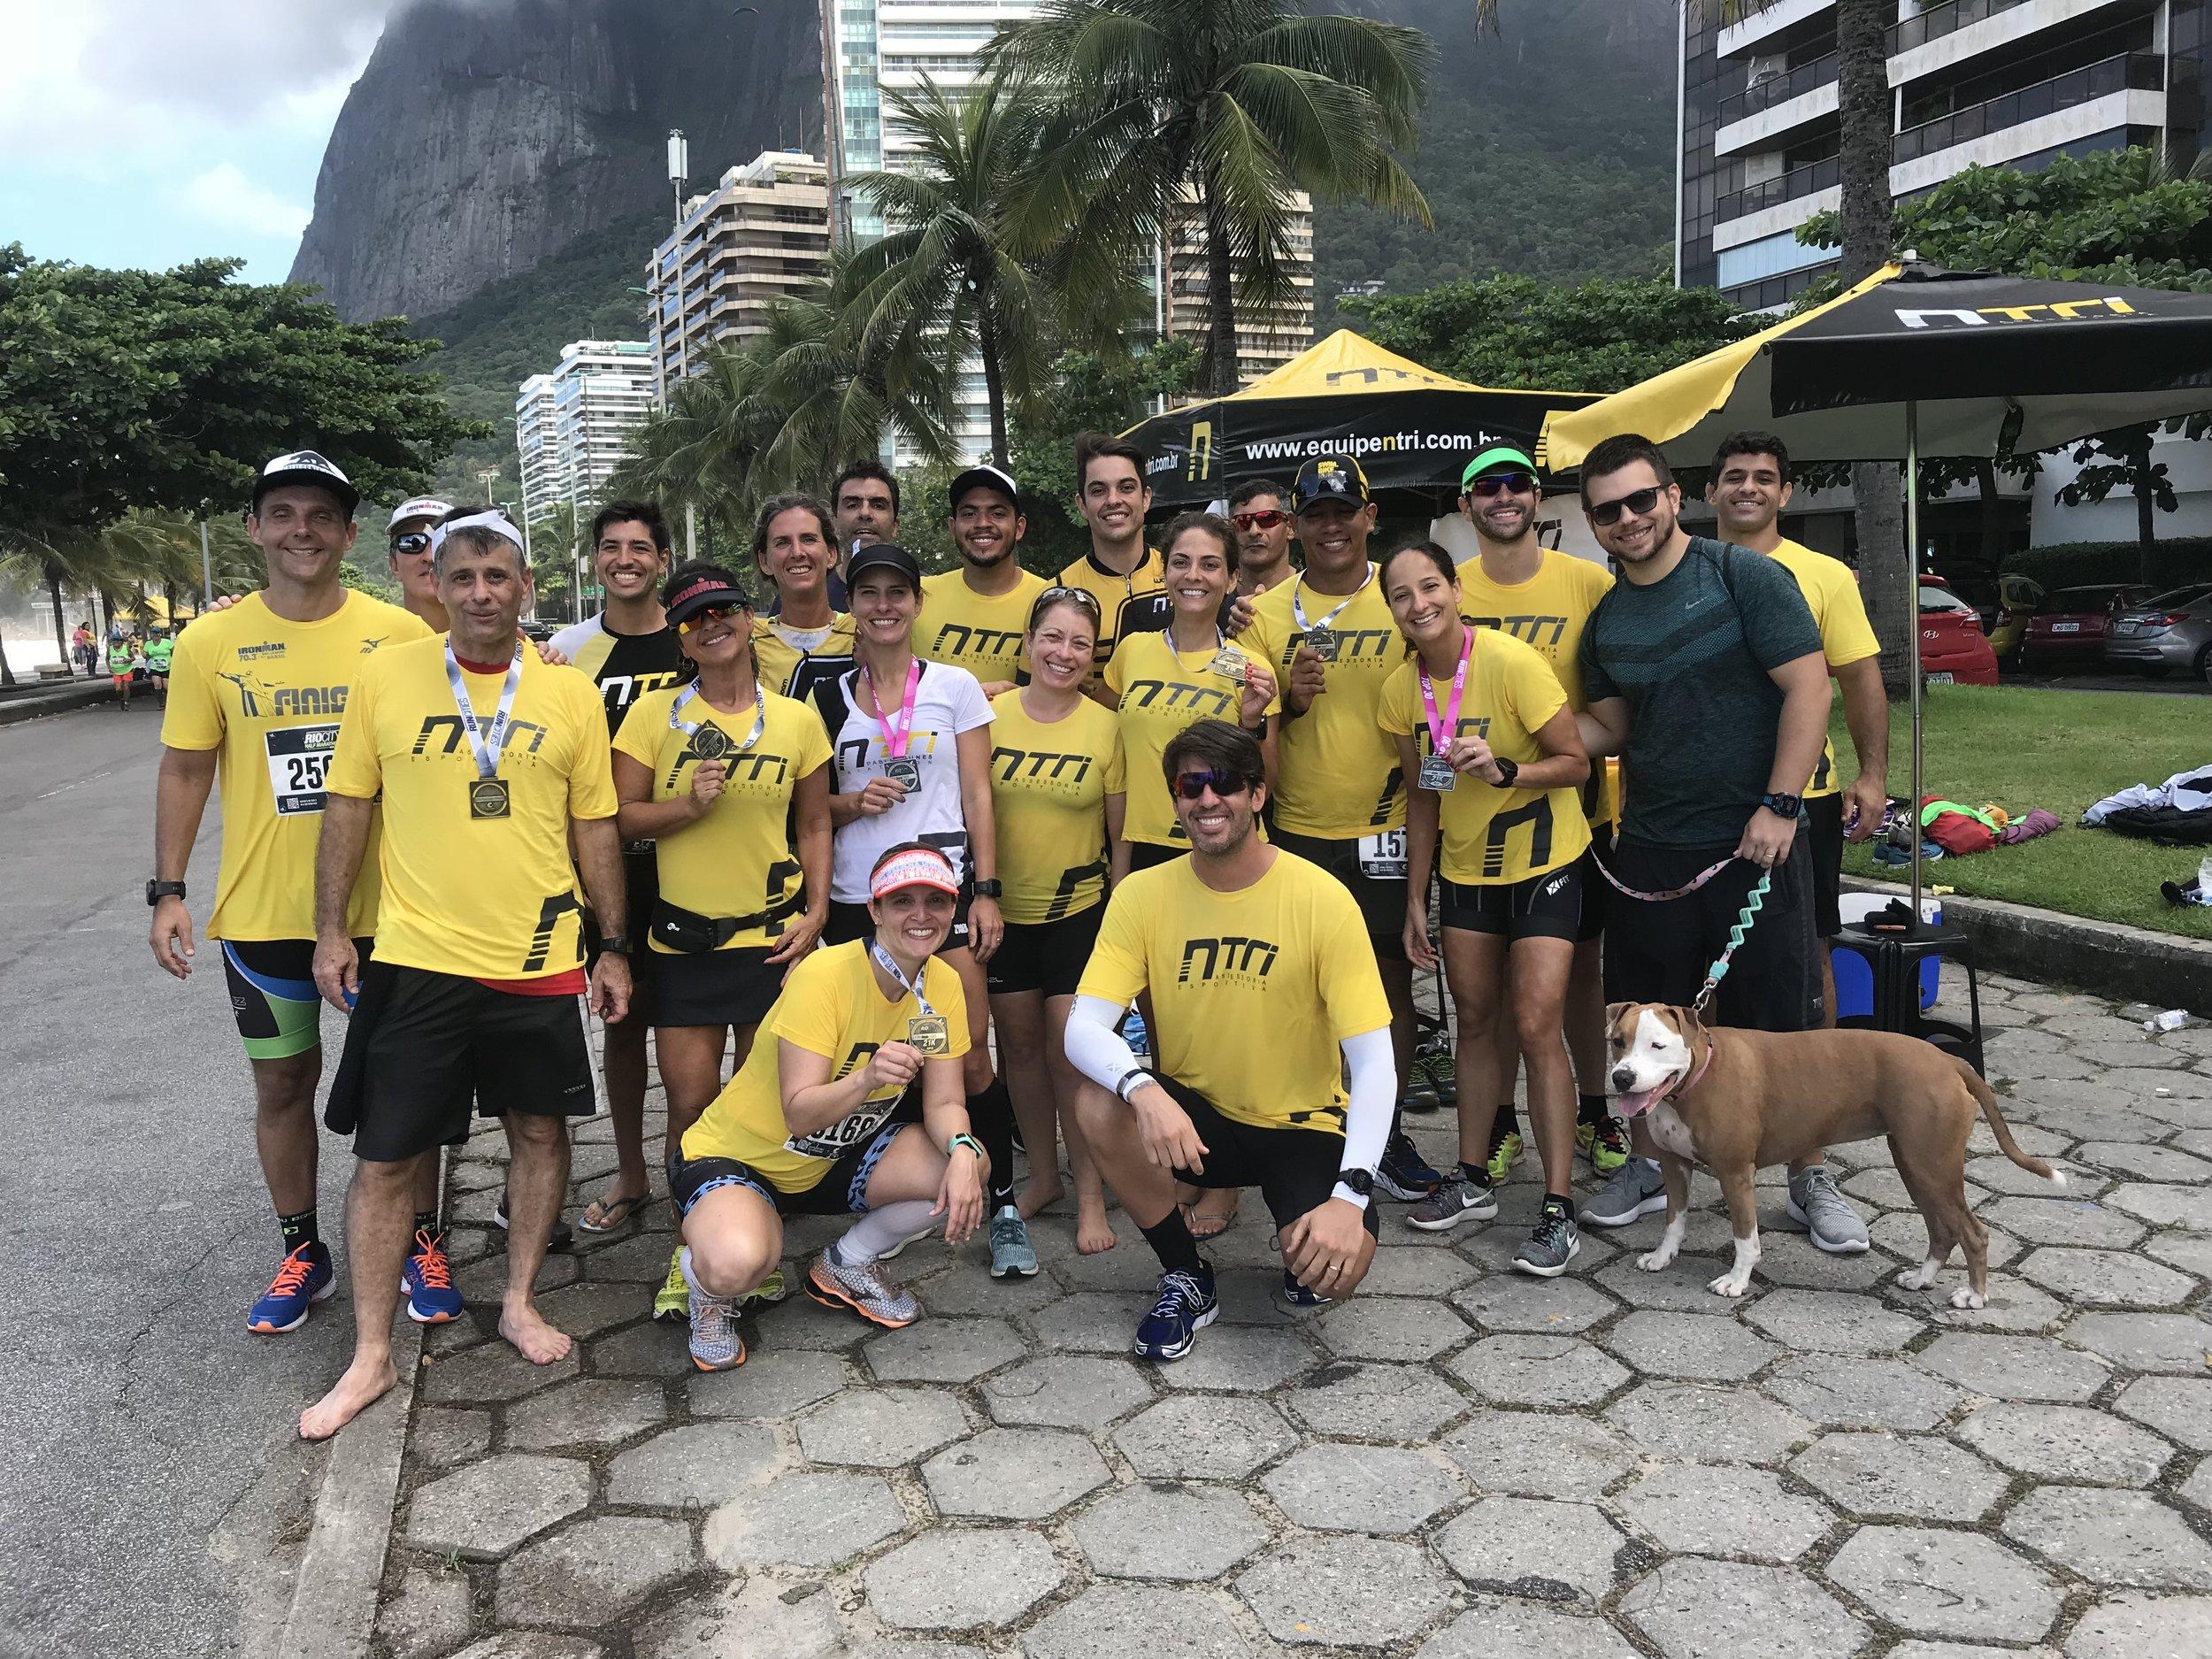 Rio City 21km, Rio de Janeiro - abr/2018